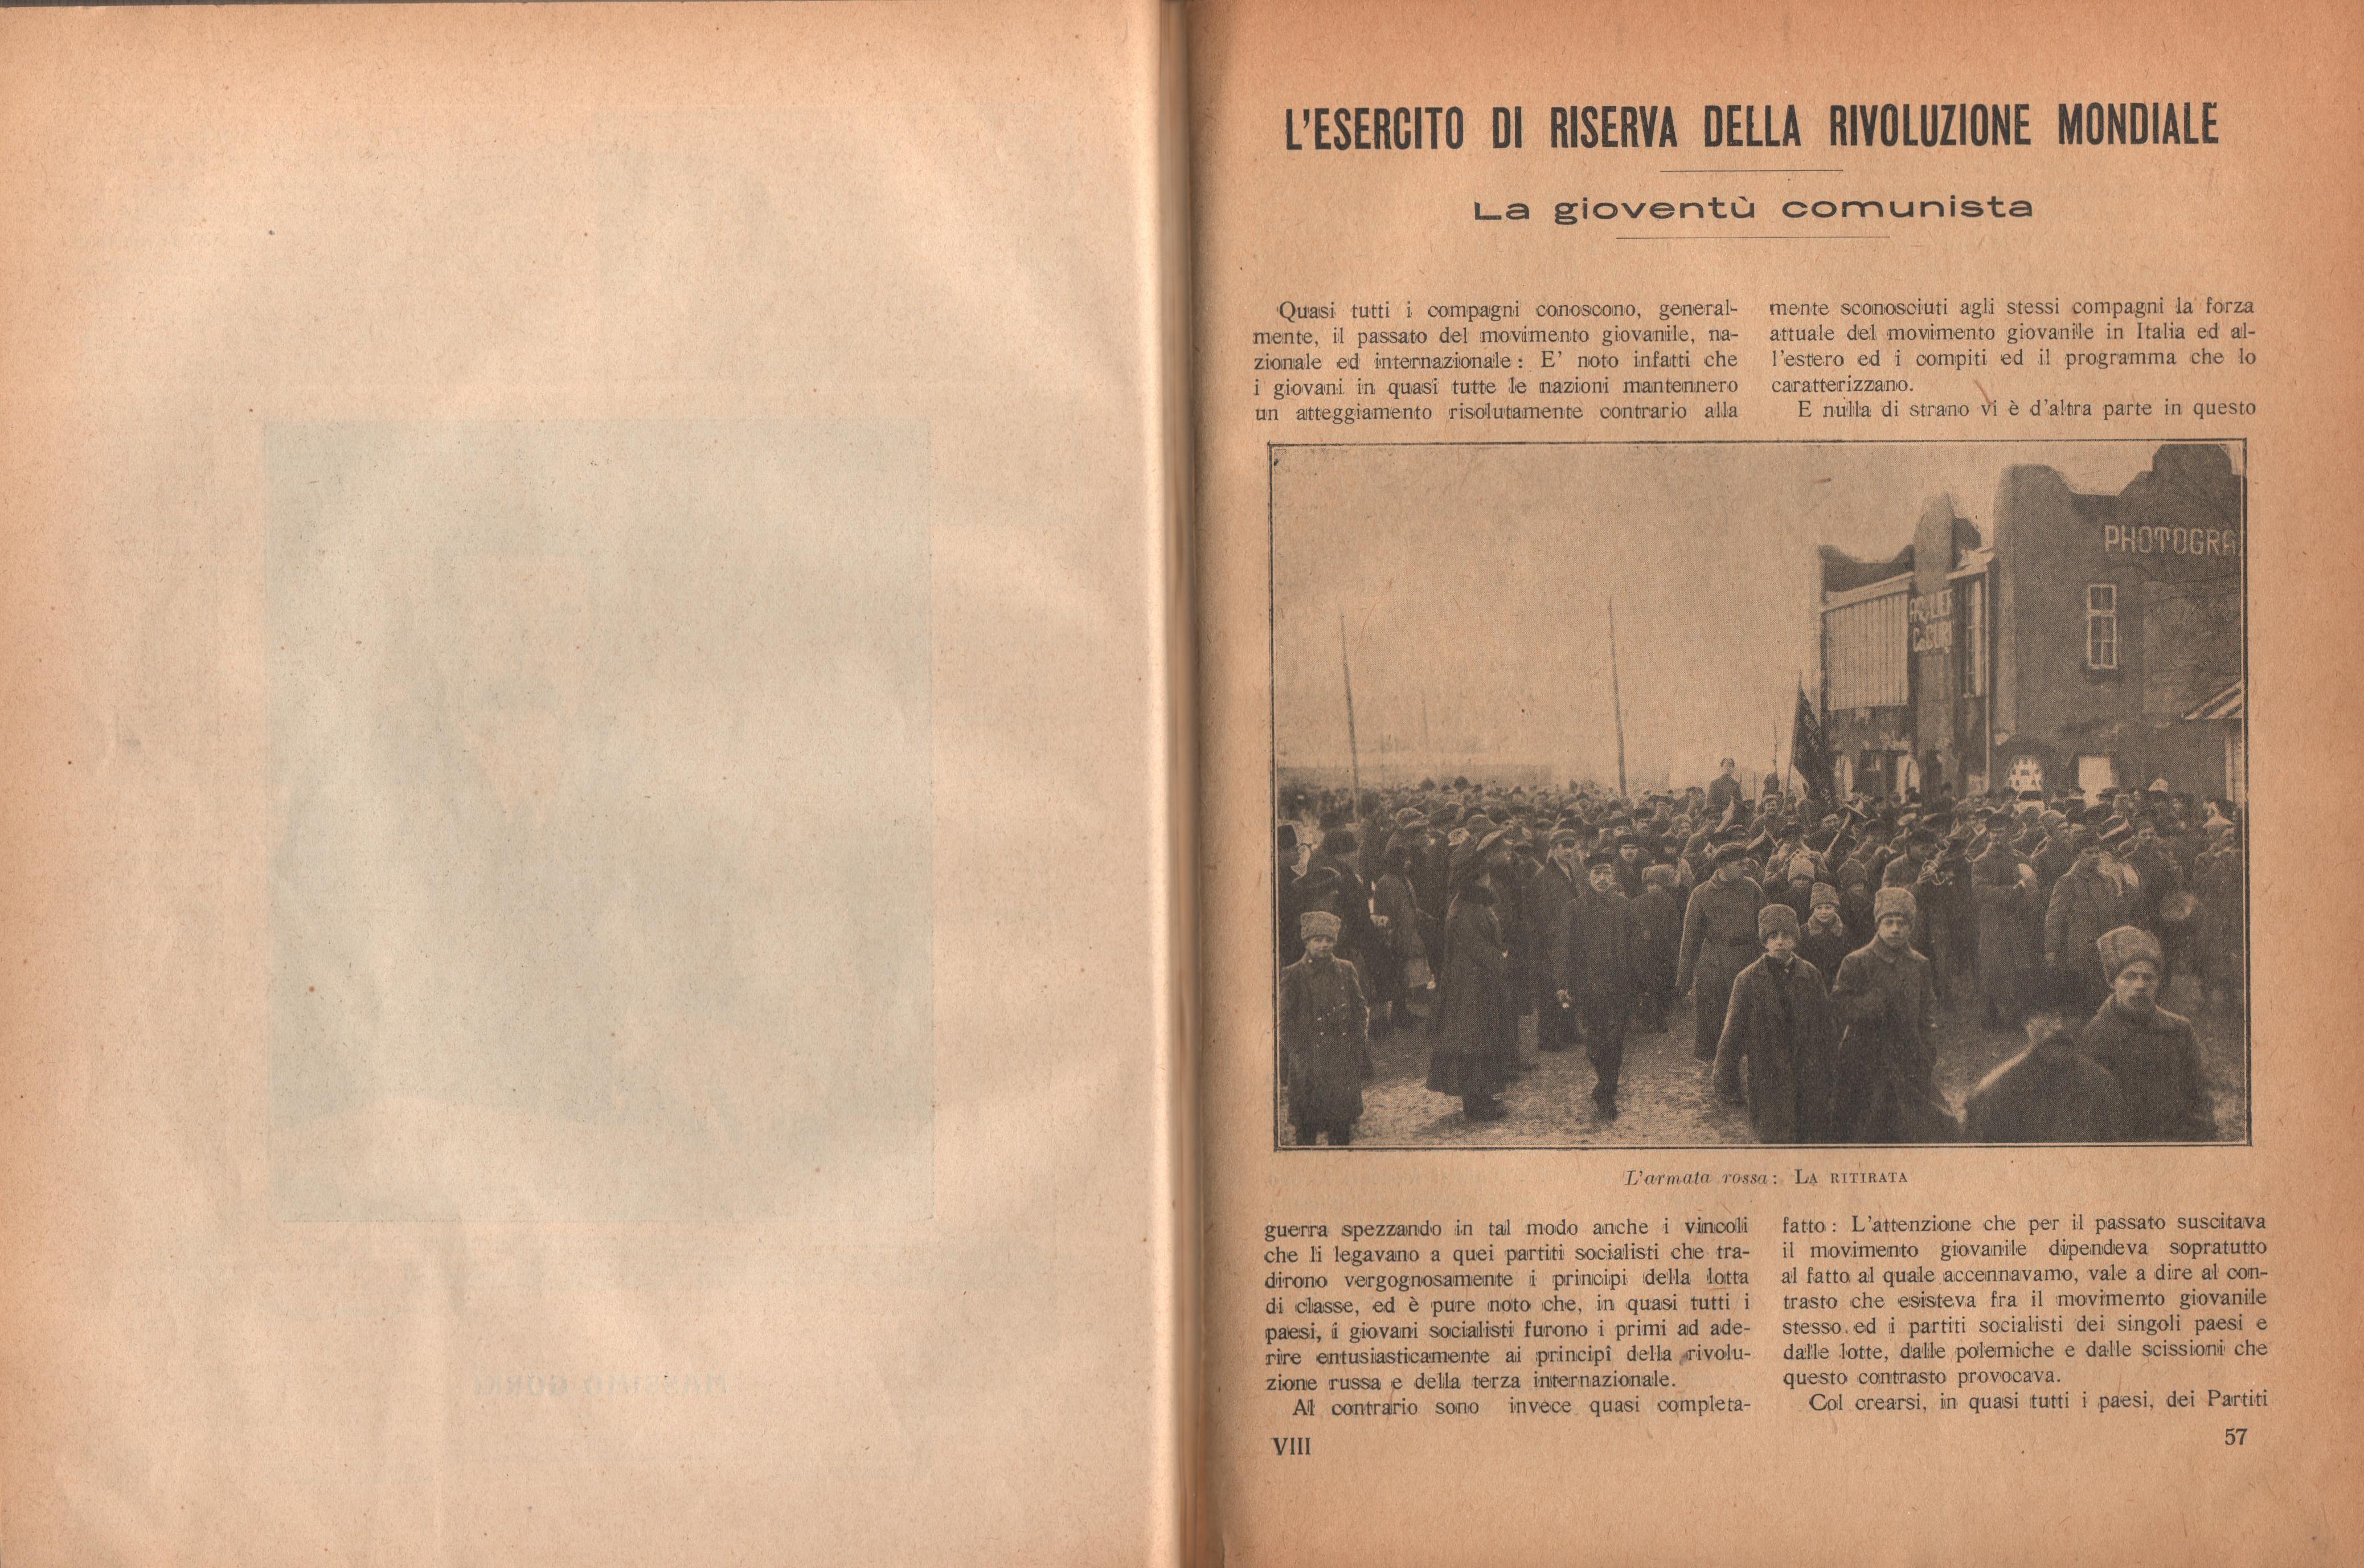 Almanacco comunista 1922 - pag. 35